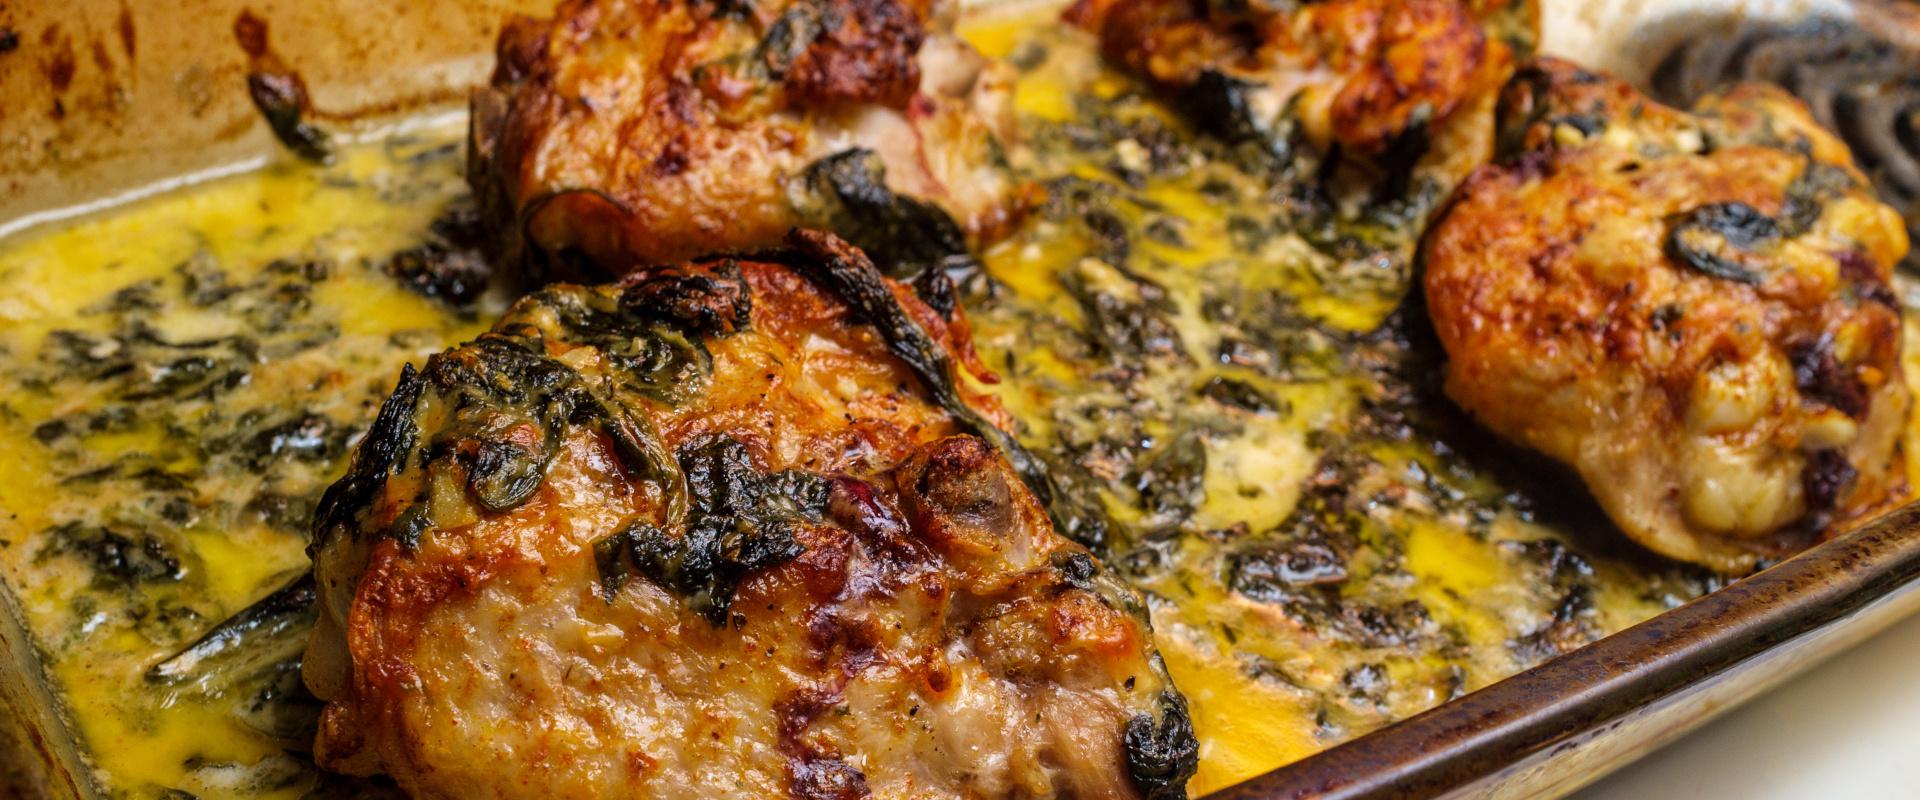 fehérborral sült csirke cover